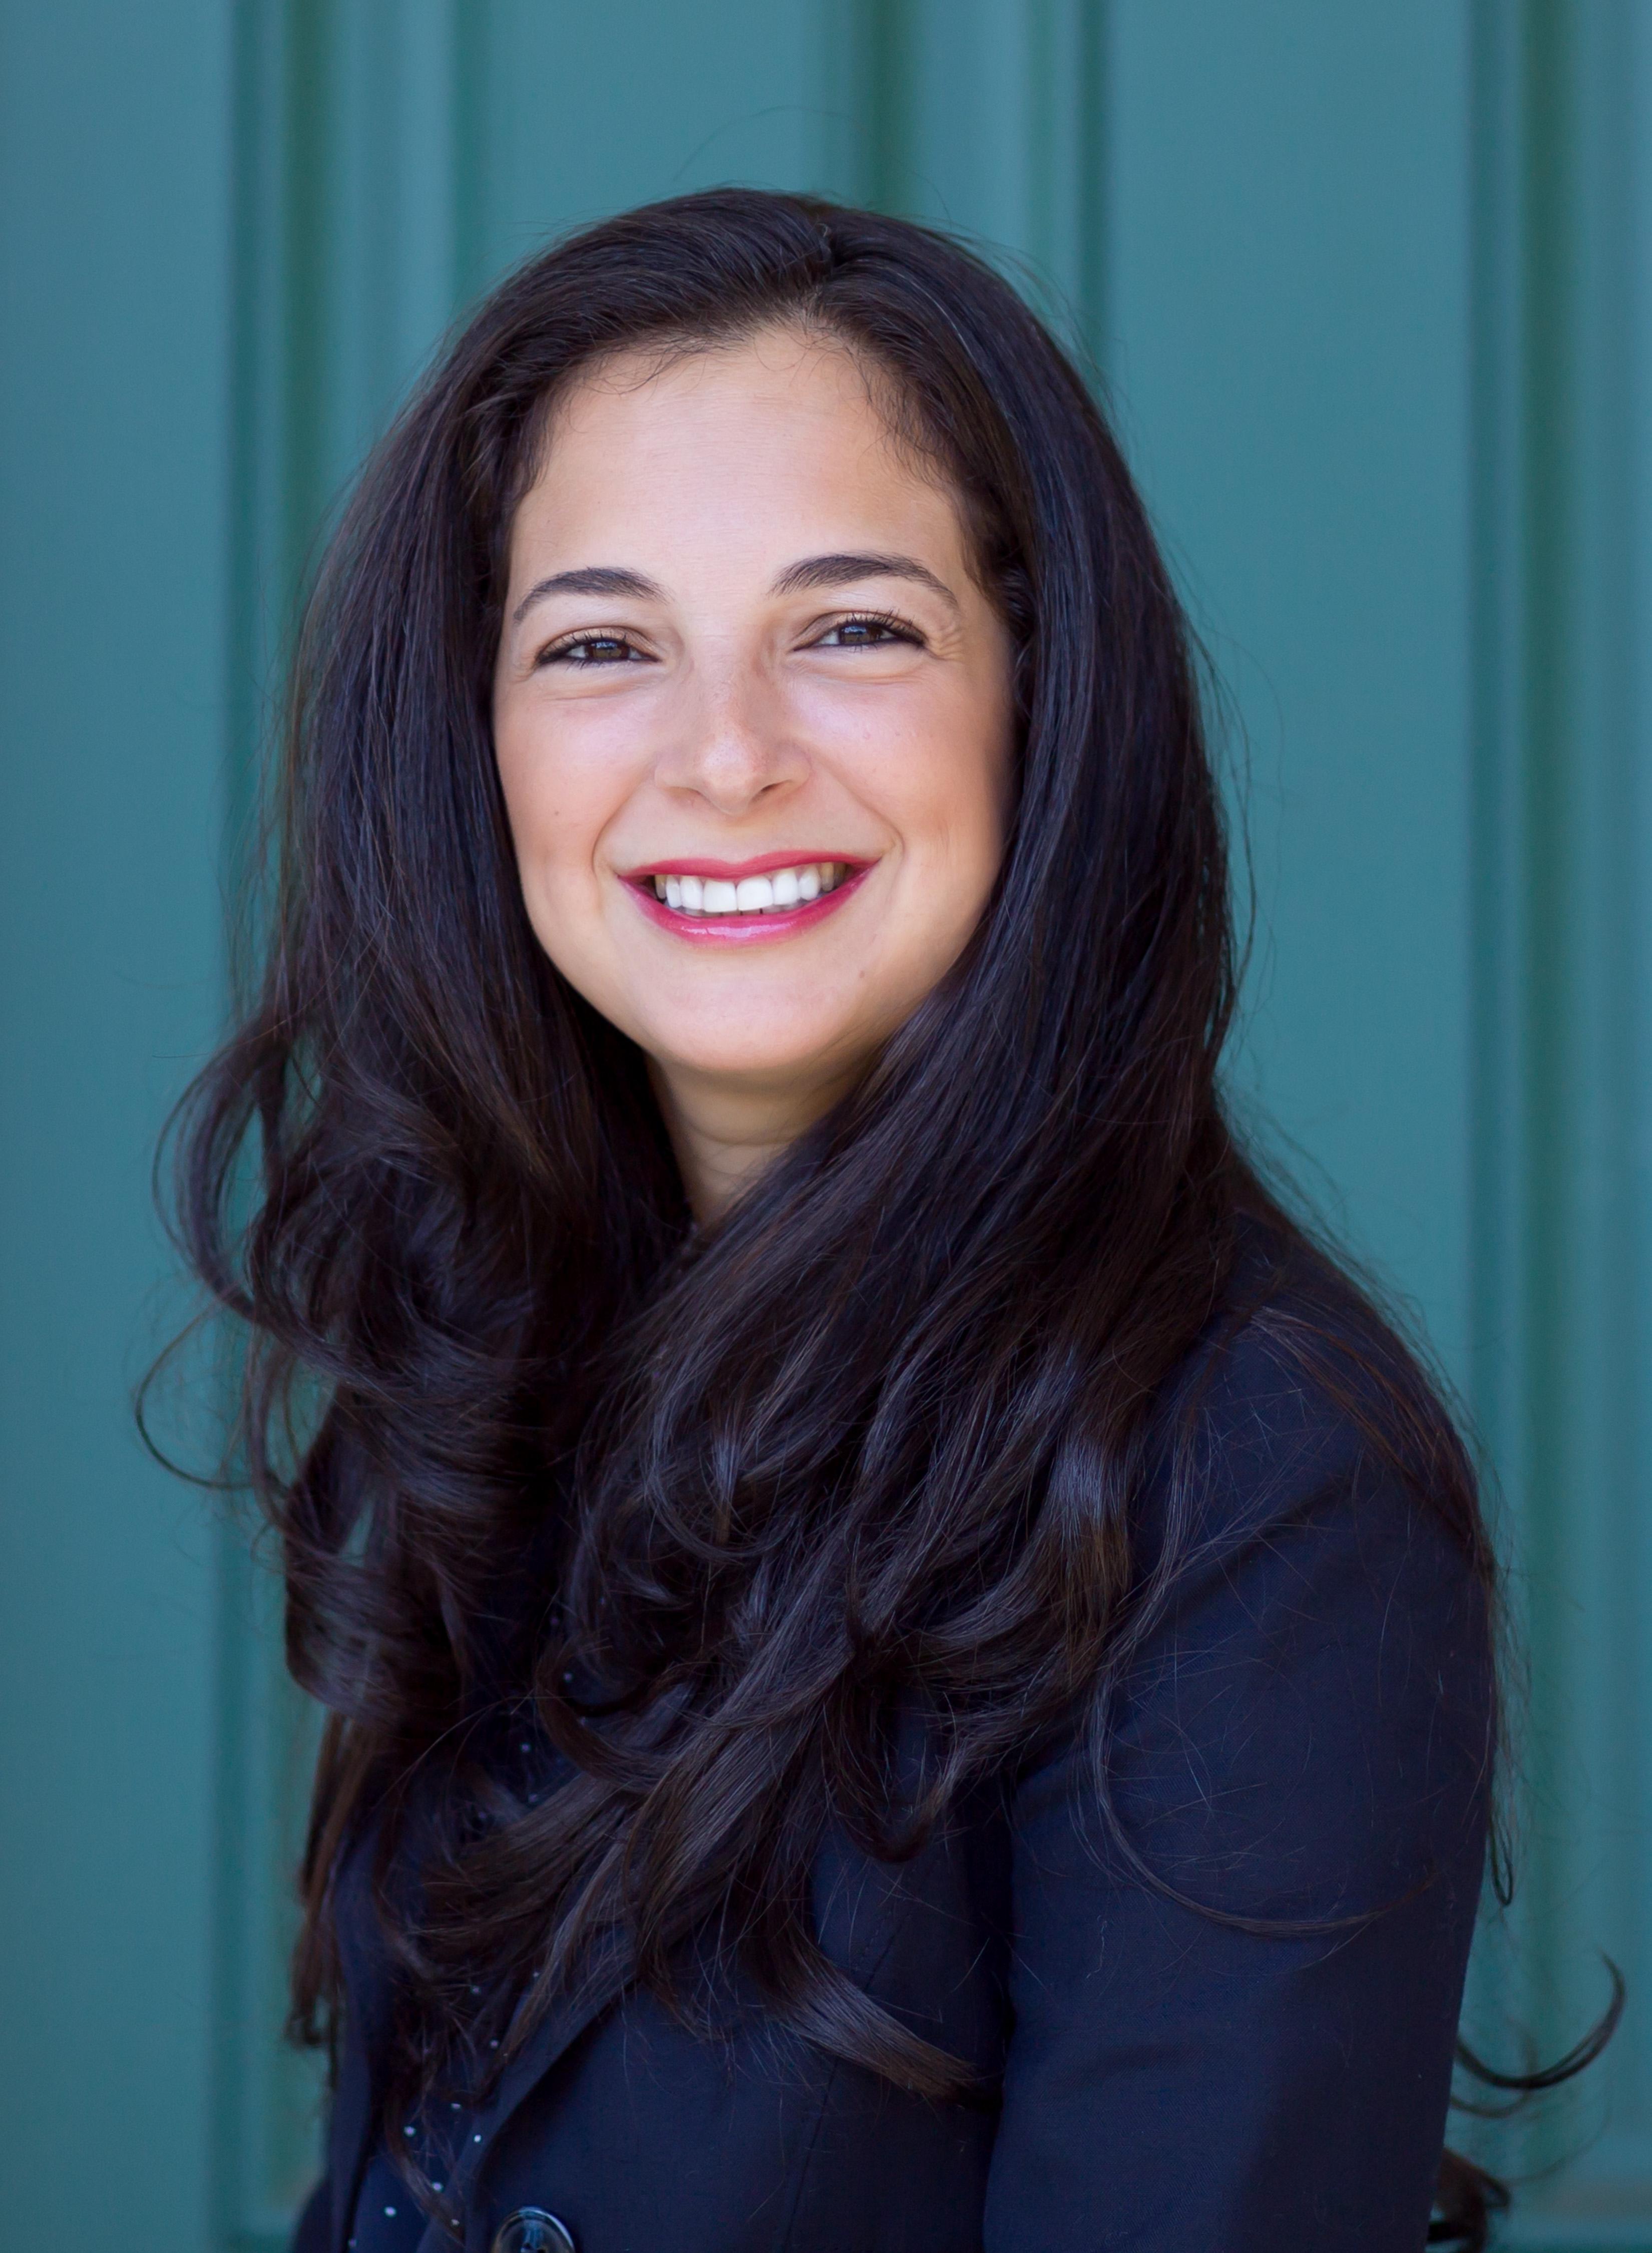 Δέσποινα Χαρτοφύλη: Η Ελληνίδα μάχιμη και διακεκριμένη δικηγόρος της Νέας Υόρκης